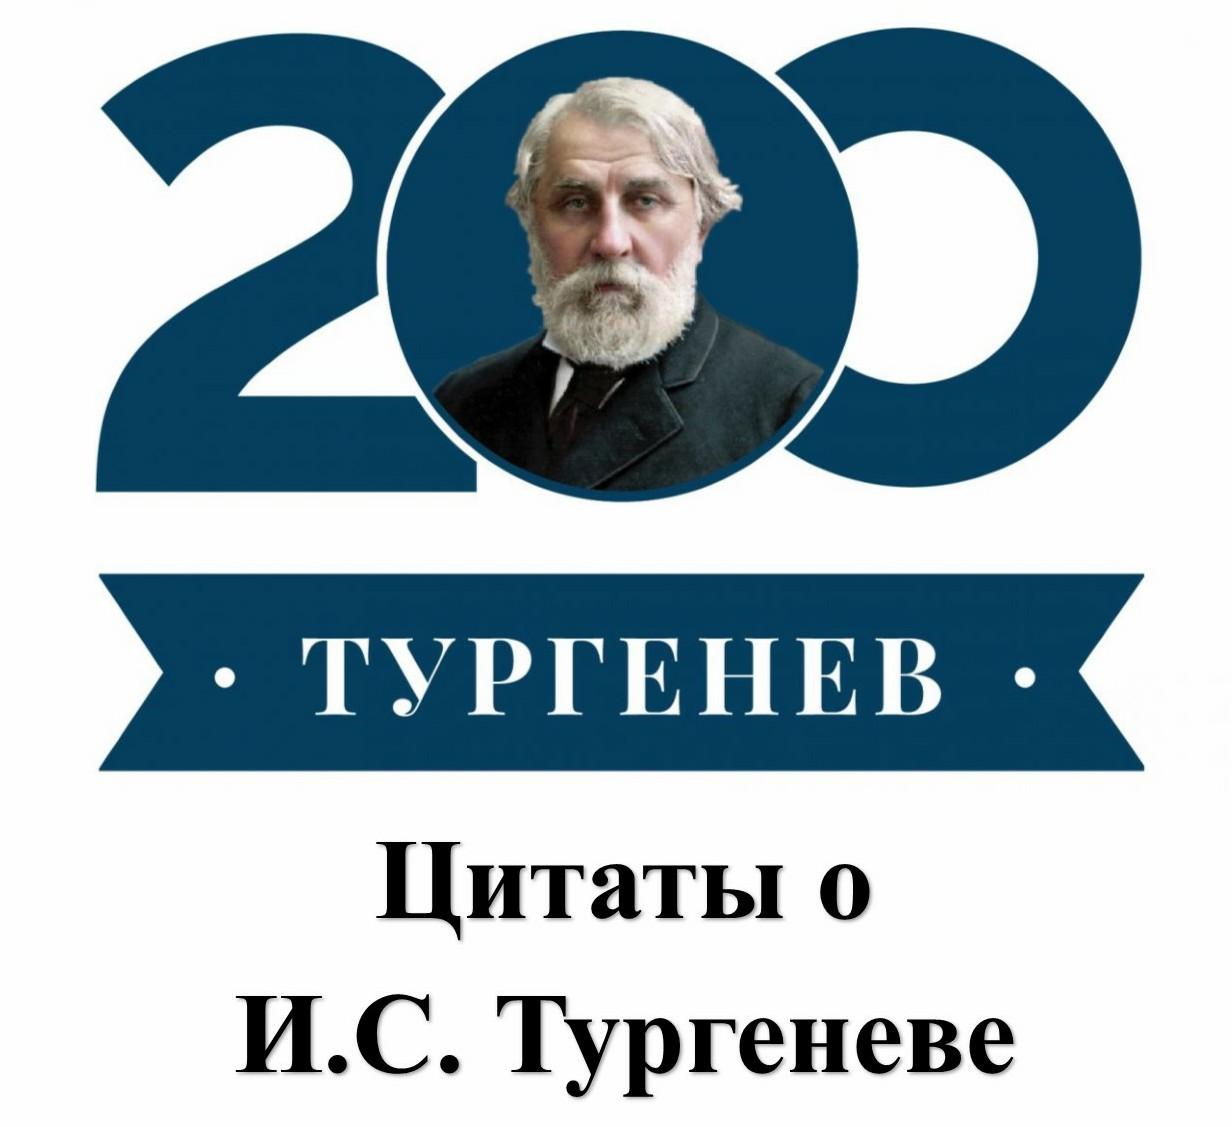 9 НОЯБРЯ - 200 ЛЕТ СО ДНЯ РОЖДЕНИЯ И.С. ТУРГЕНЕВА